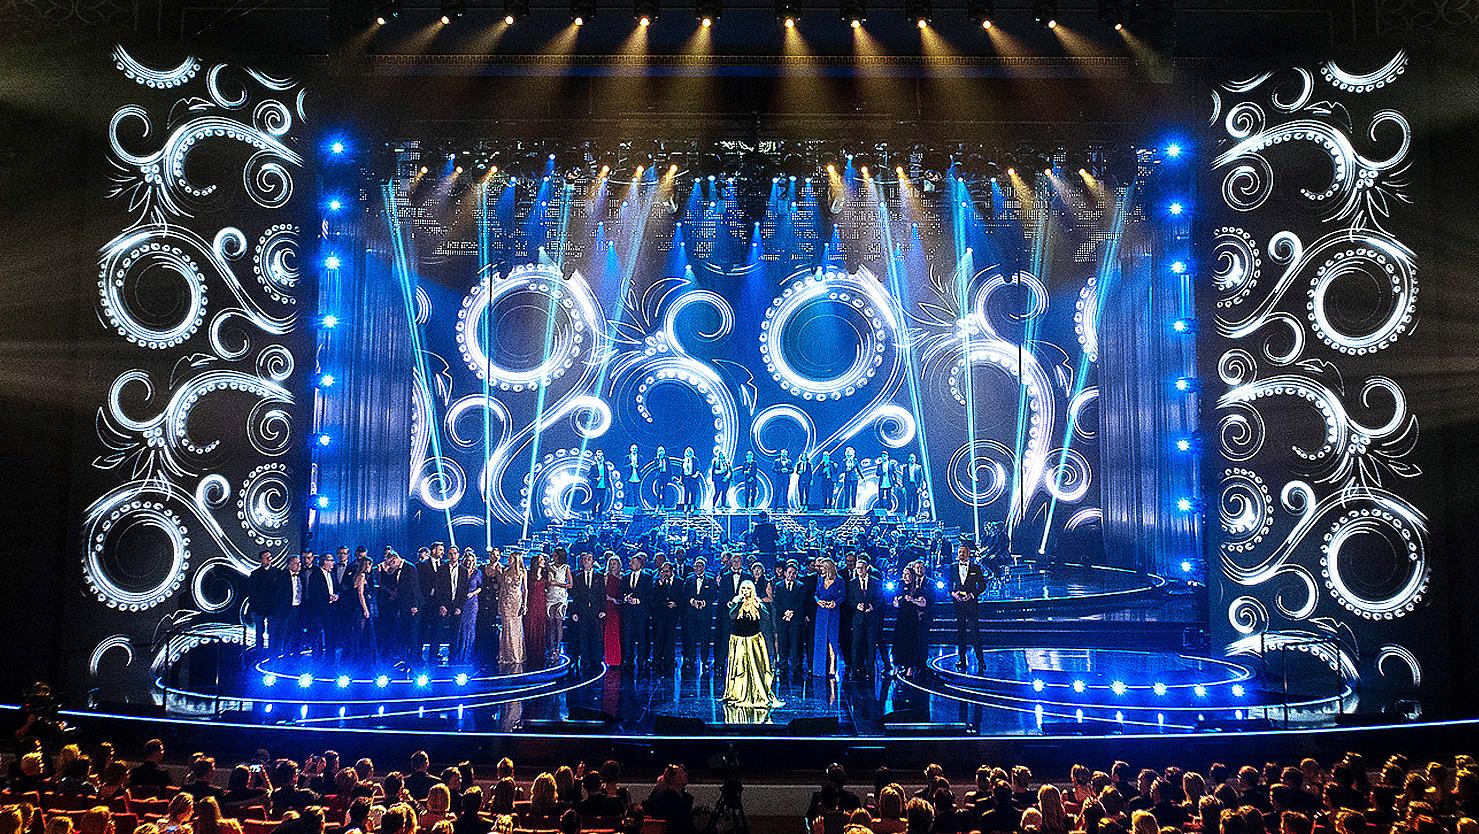 2,5 miliona widzów obejrzało galę z okazji 25-lecia Polsatu - Polsat.pl